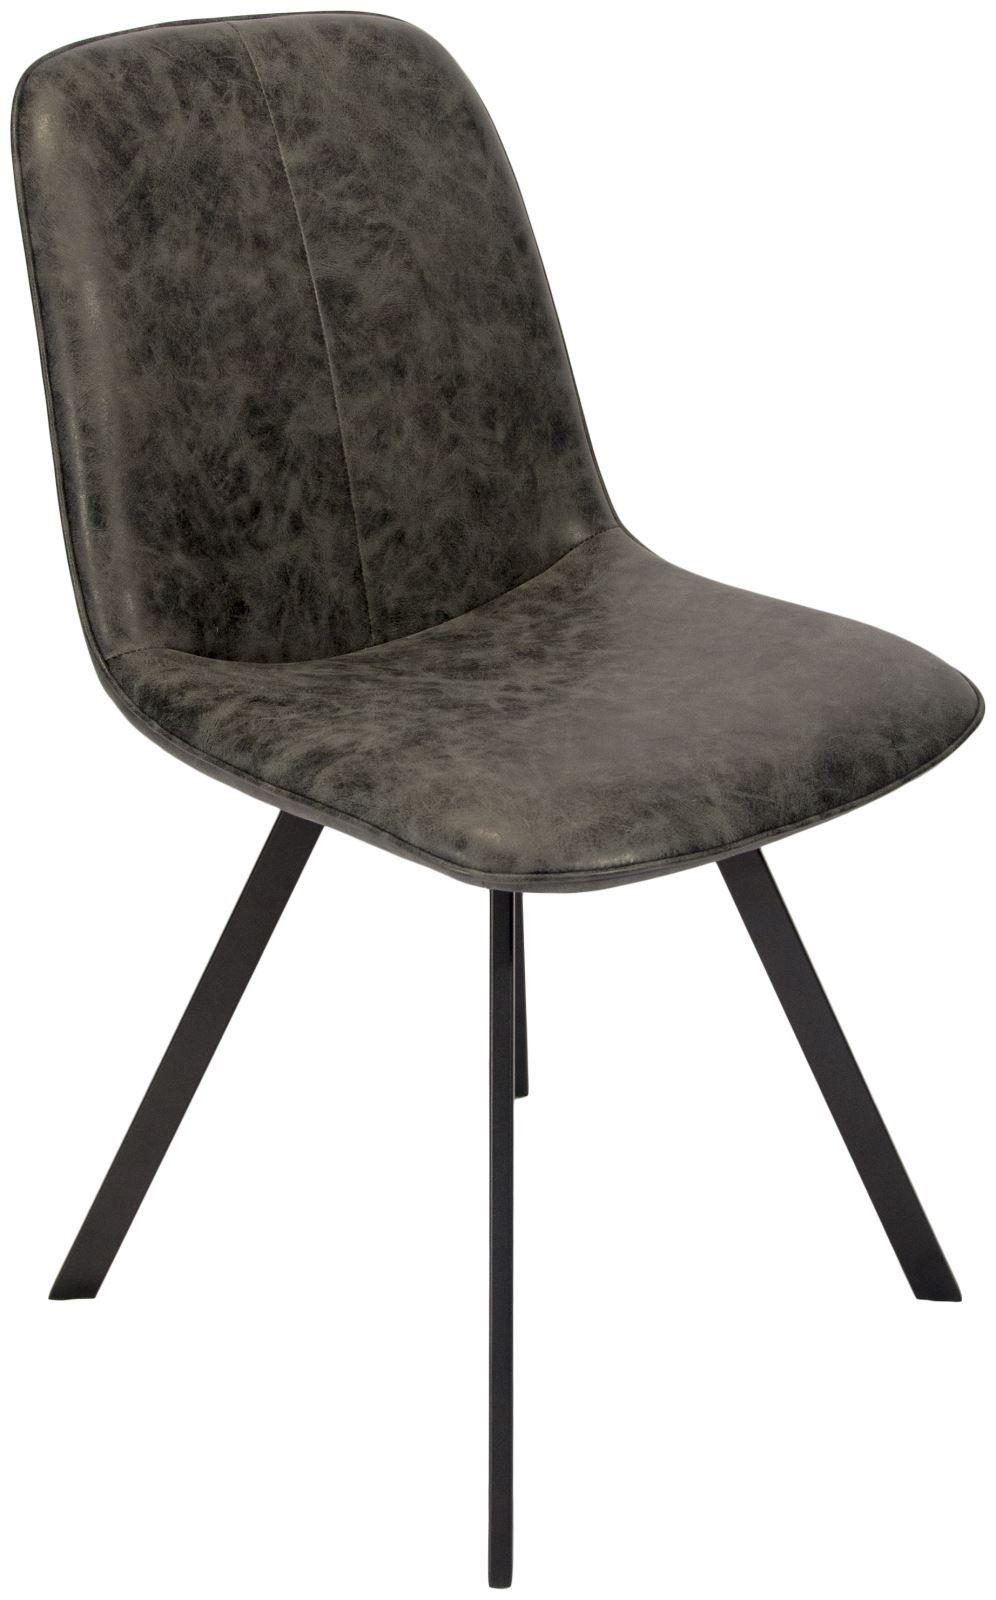 Zarco Dining Chair  H 87.5 x 47 x D 58